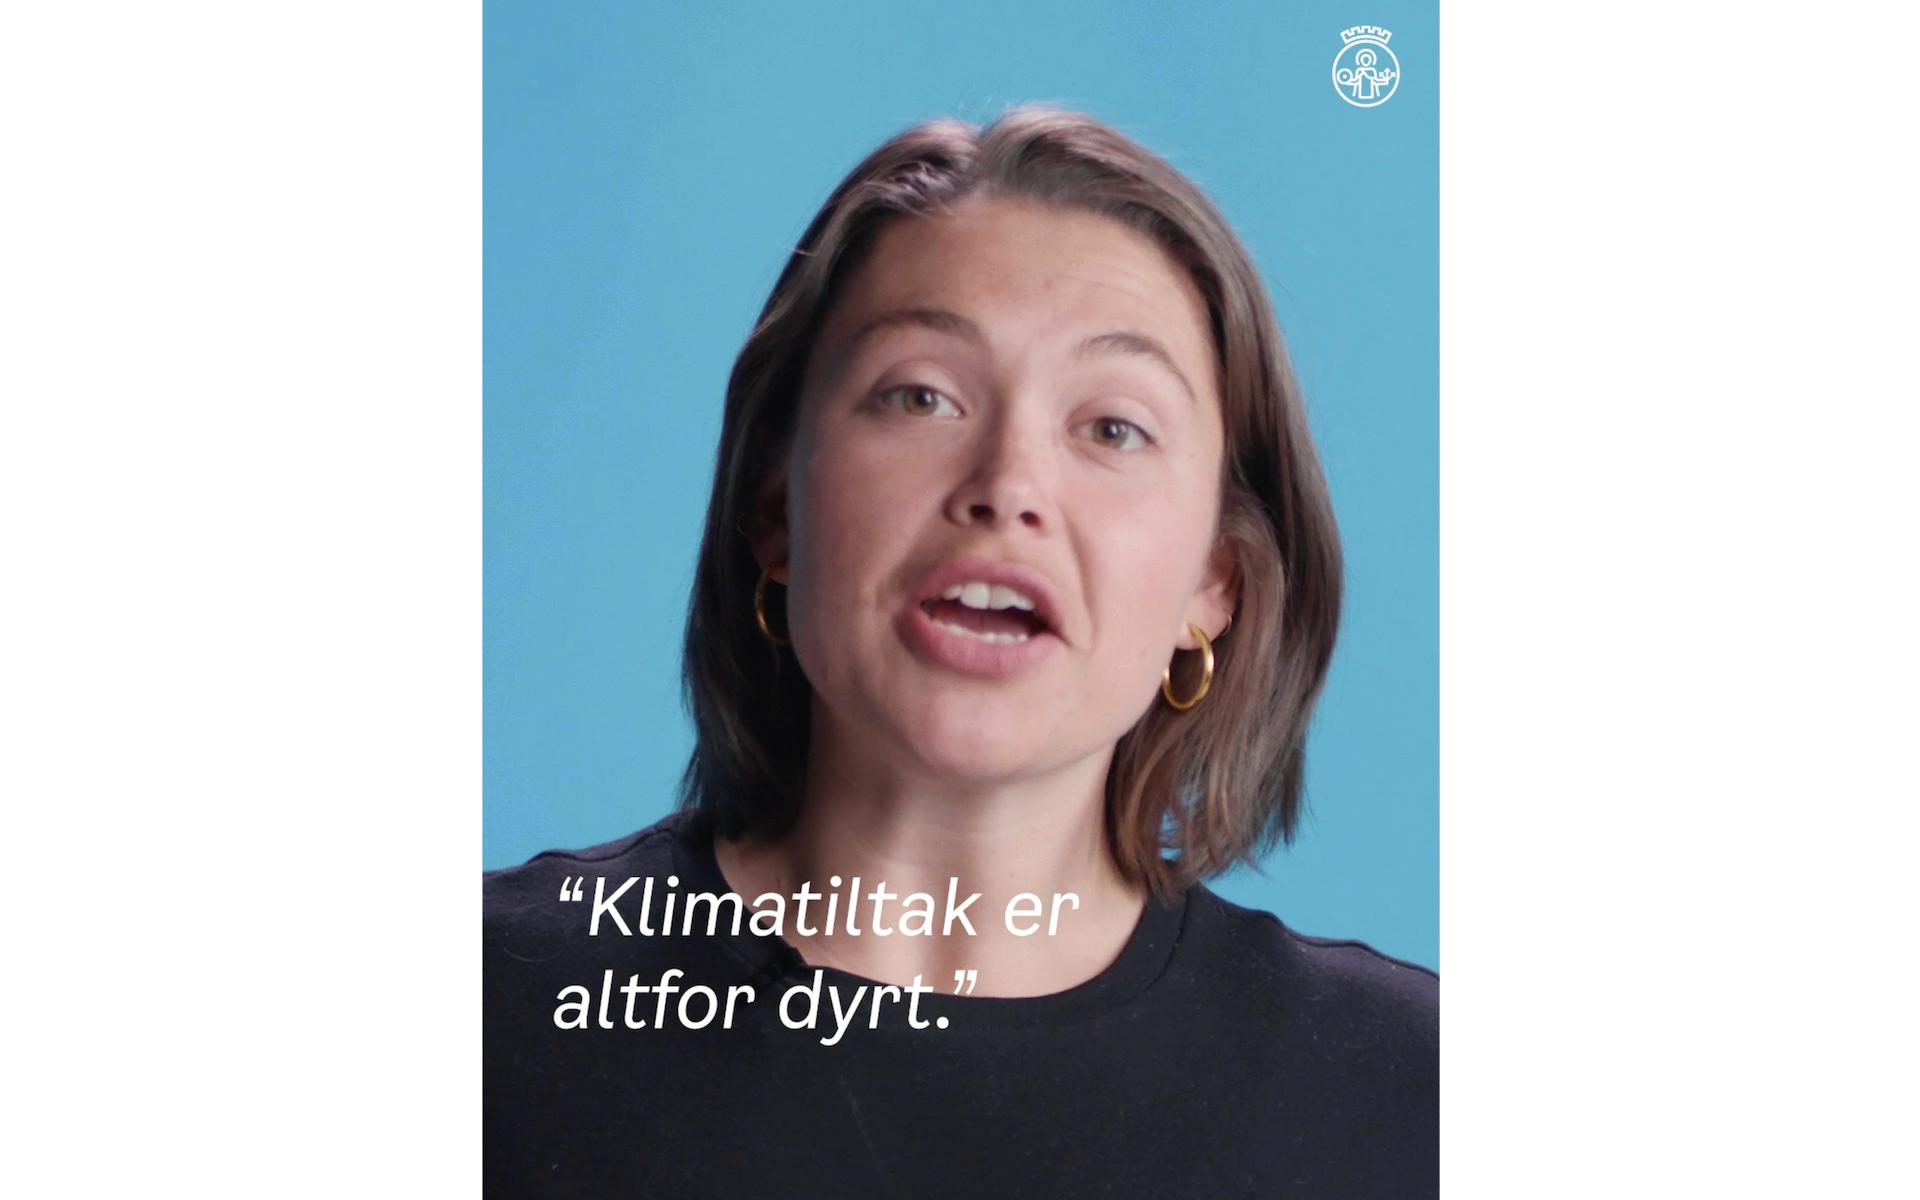 Derfor kan klimatiltak være lønnsomt, forklarer Emilie.